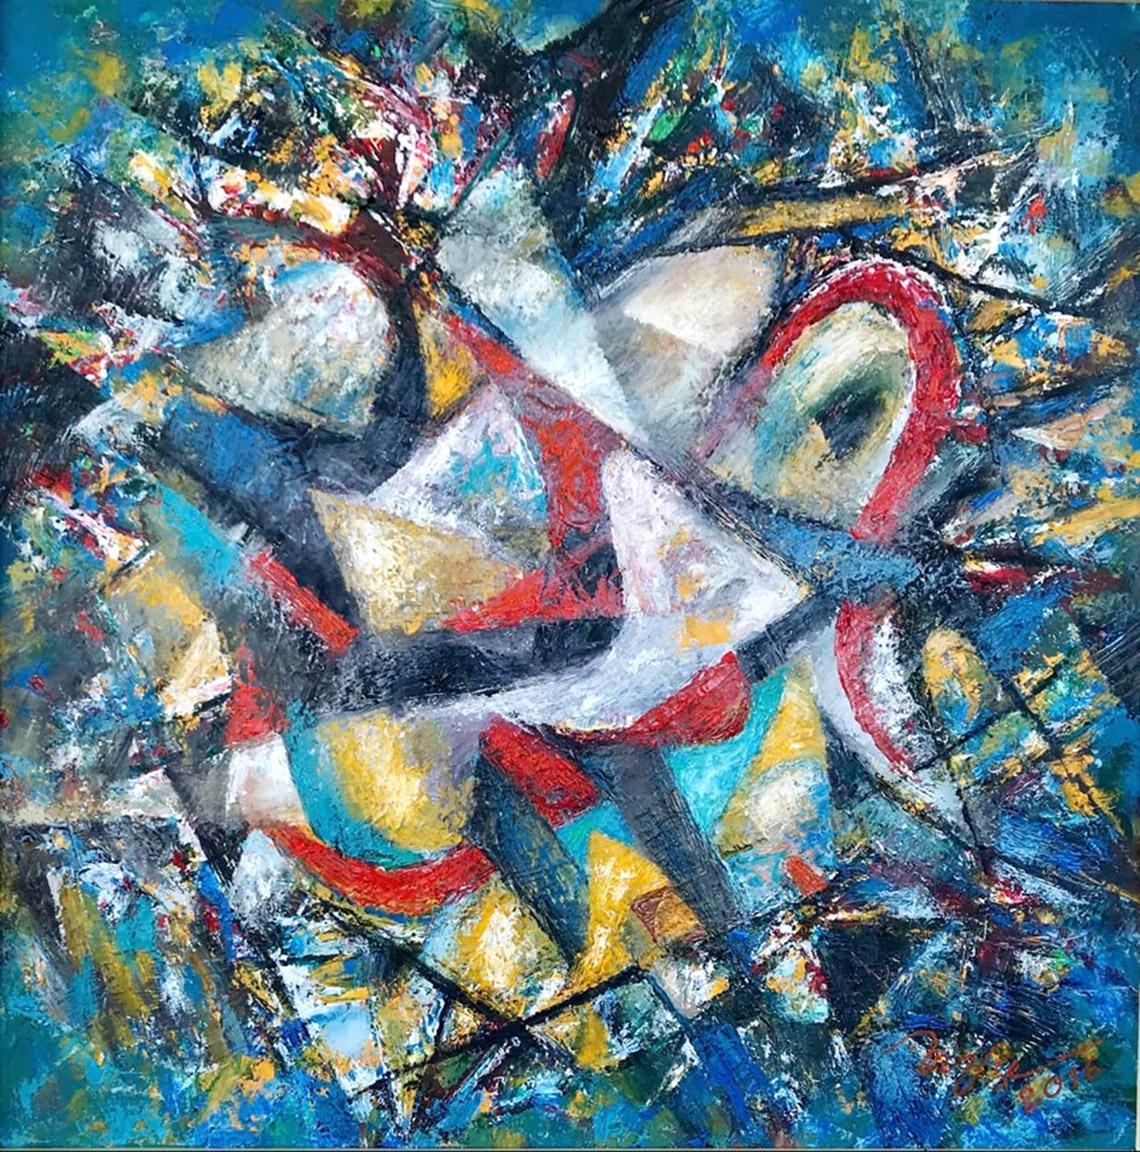 Vũ trụ hội họa của họa sĩ Trương Bé -13